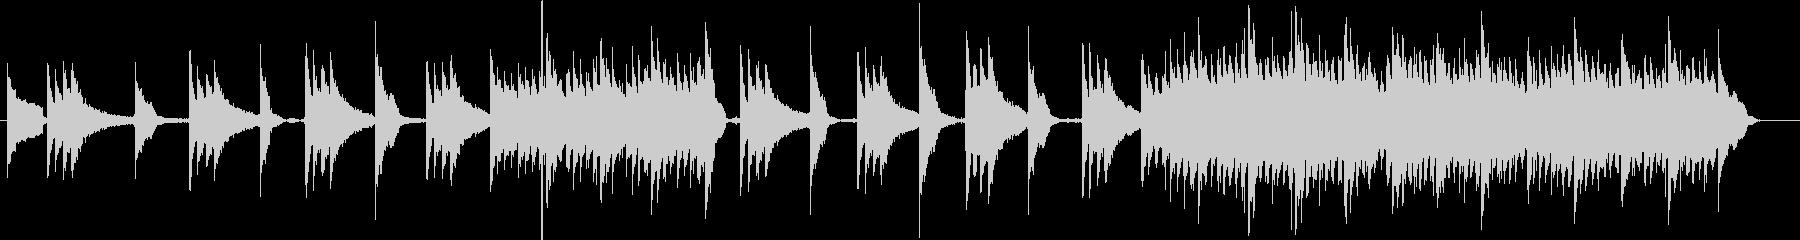 アコースティックギター不協和音 前衛演奏の未再生の波形